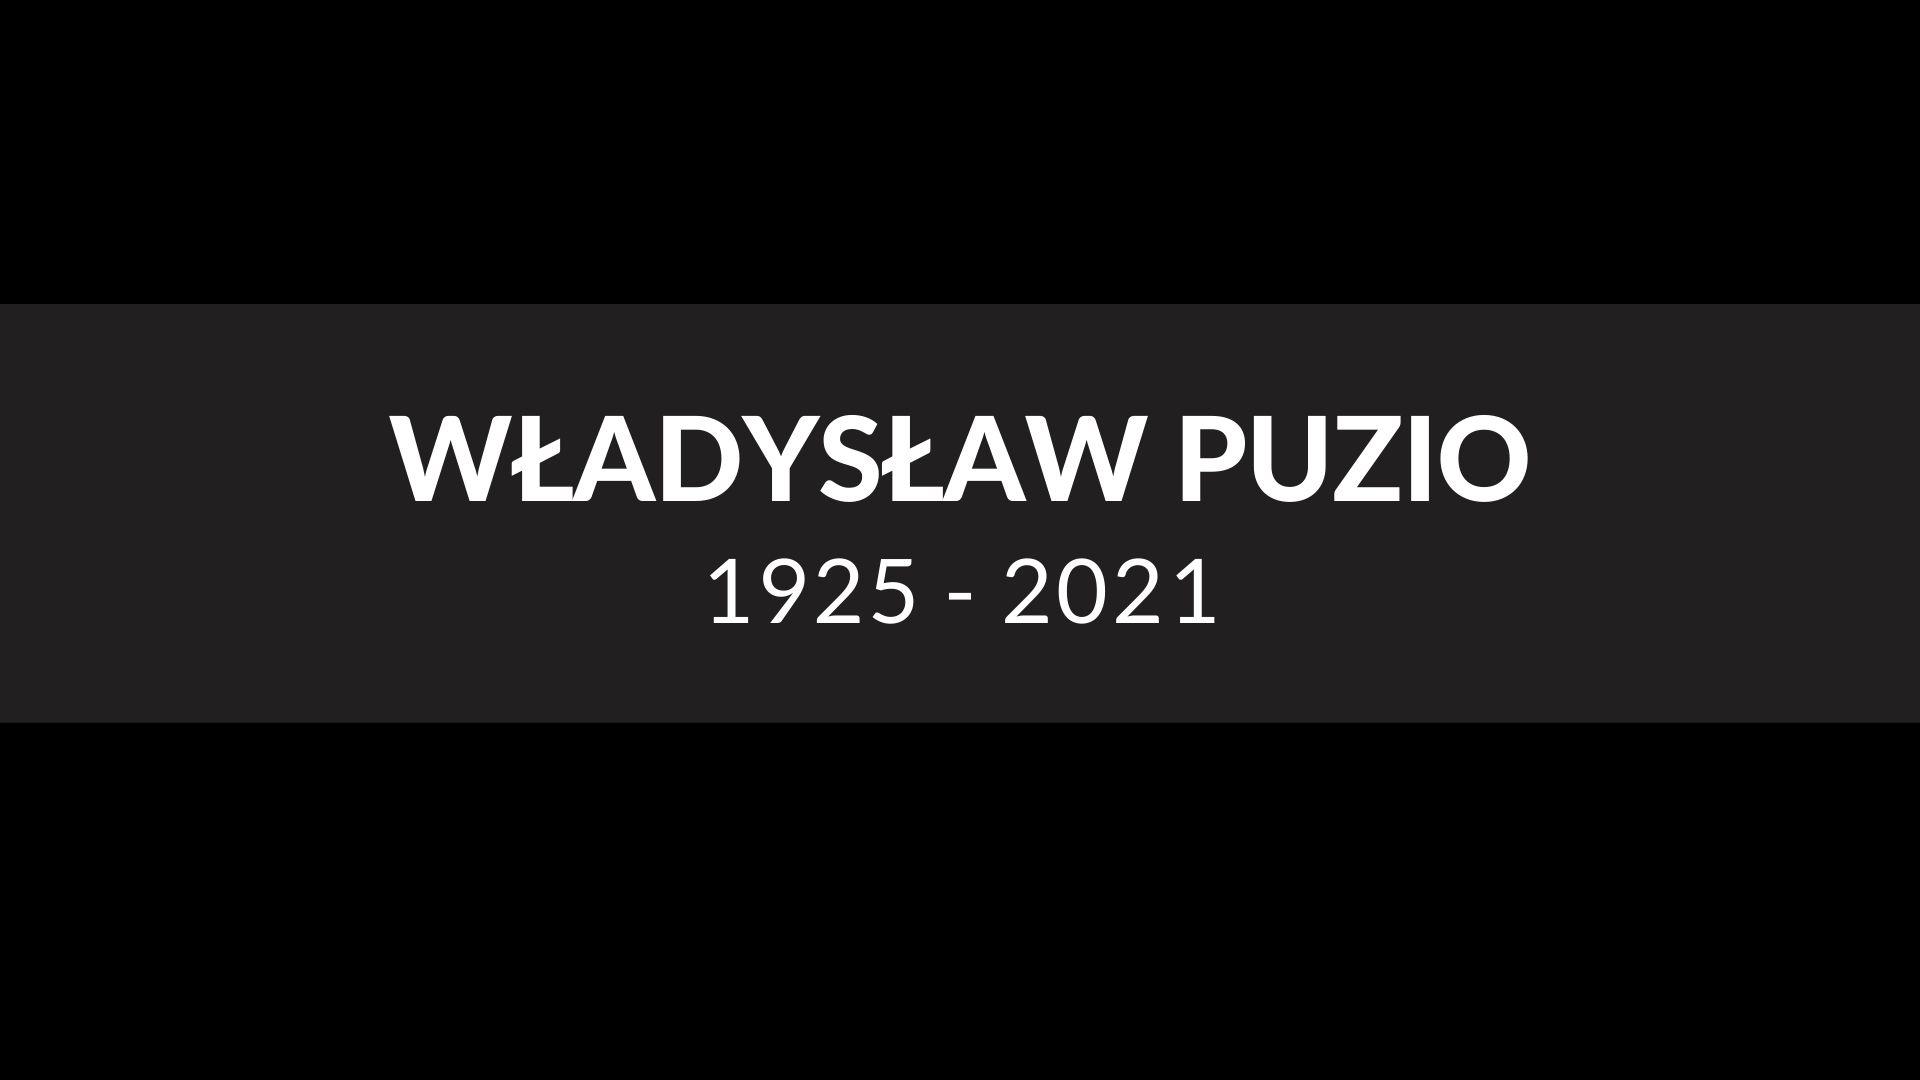 Zmarł Władysław Puzio - wieloletni nauczyciel  - Zdjęcie główne